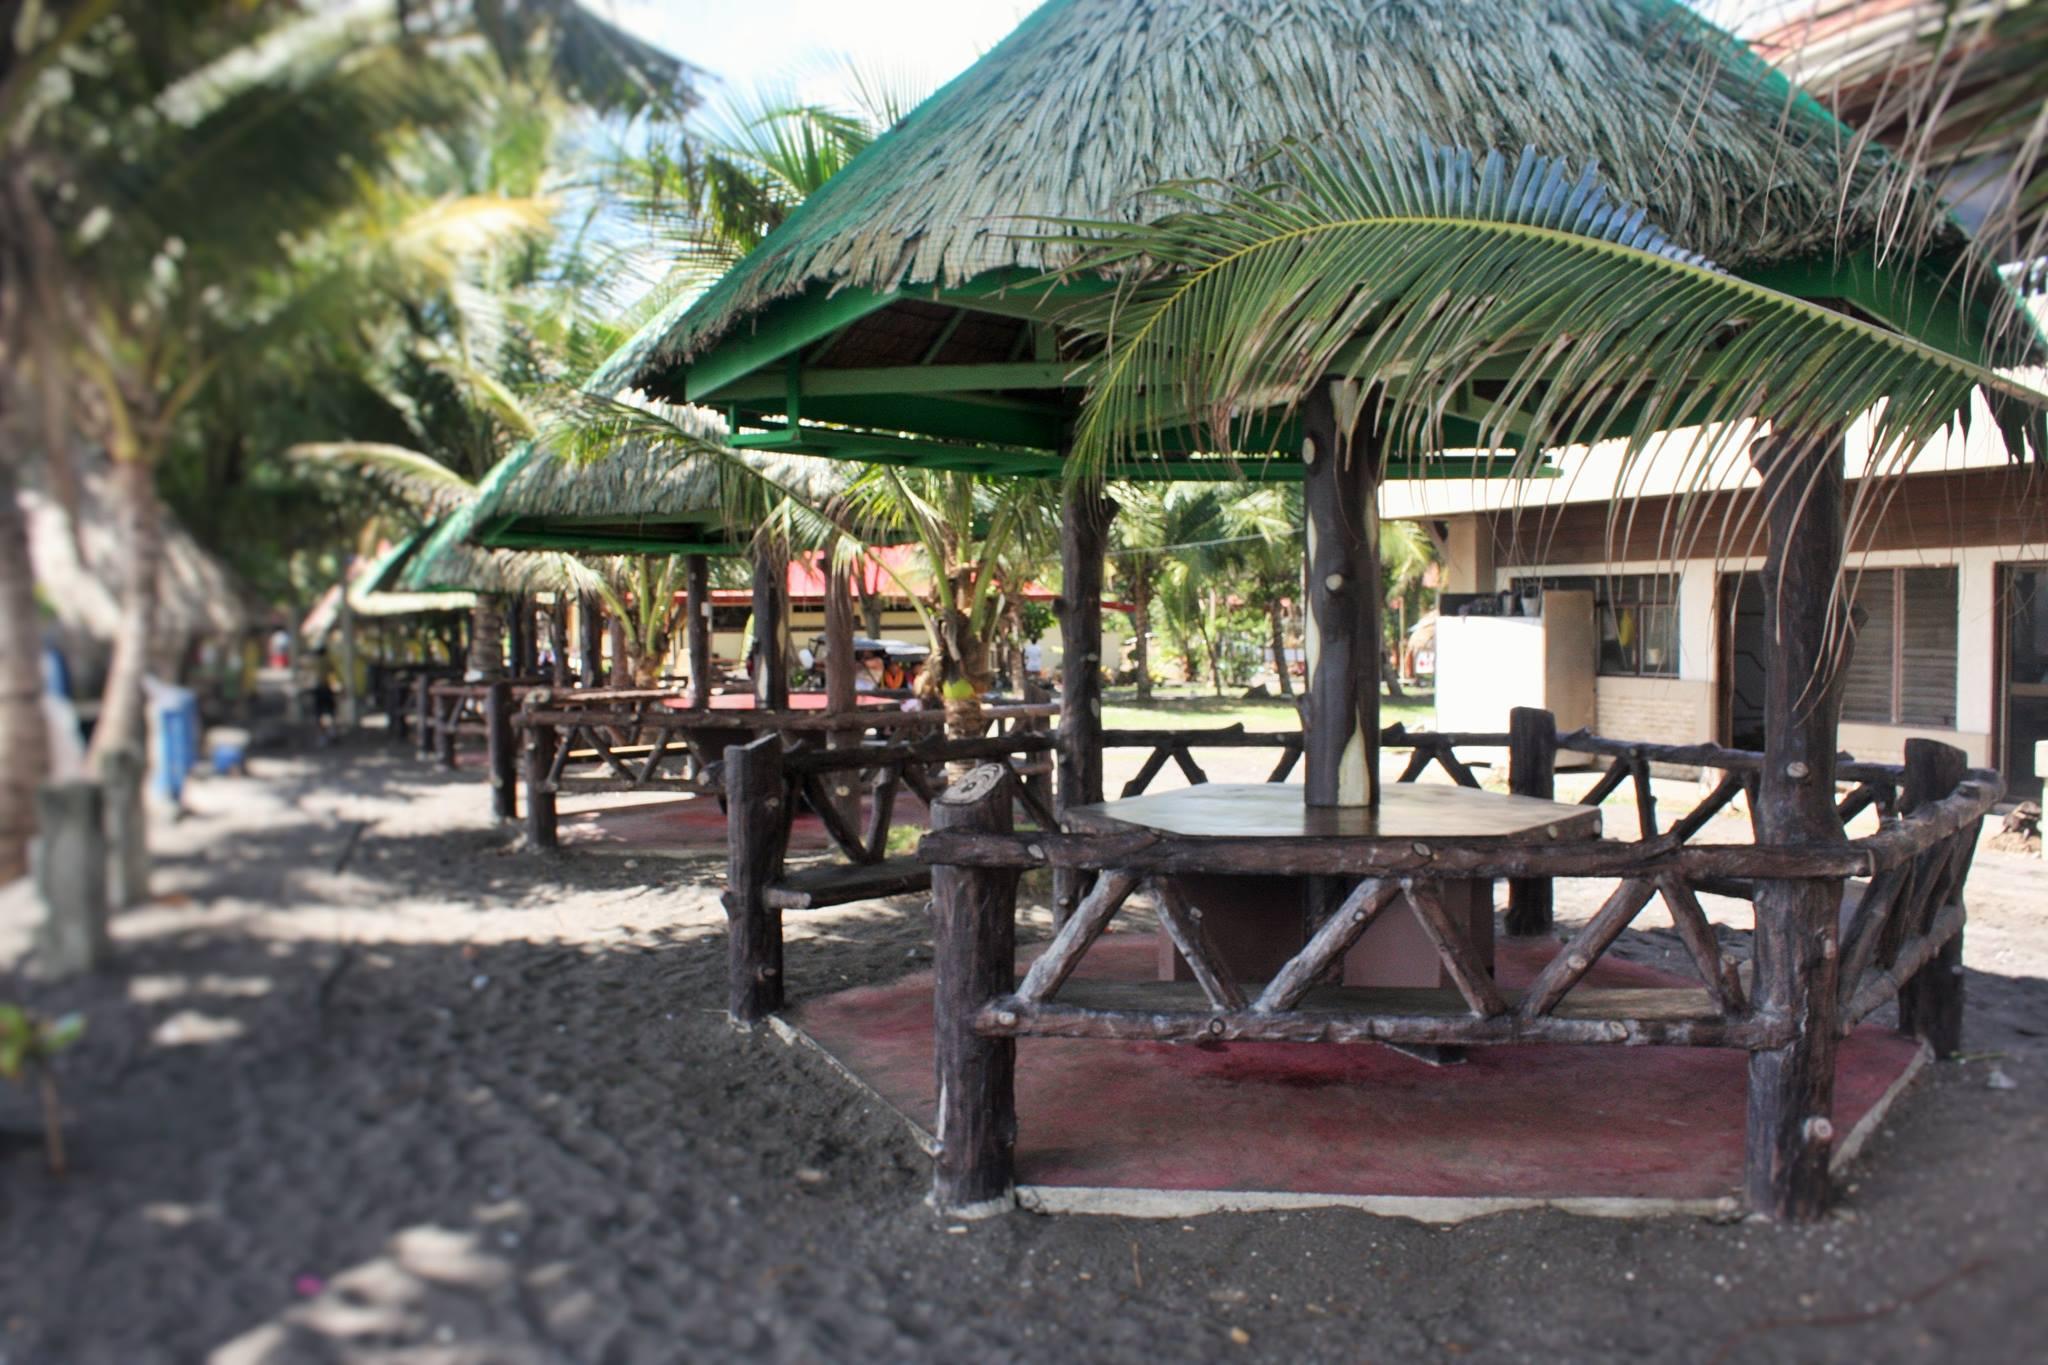 https://tourism.davaocity.gov.ph/wp-content/uploads/2019/12/12967998_1708956556010665_563066623791817780_o.jpg